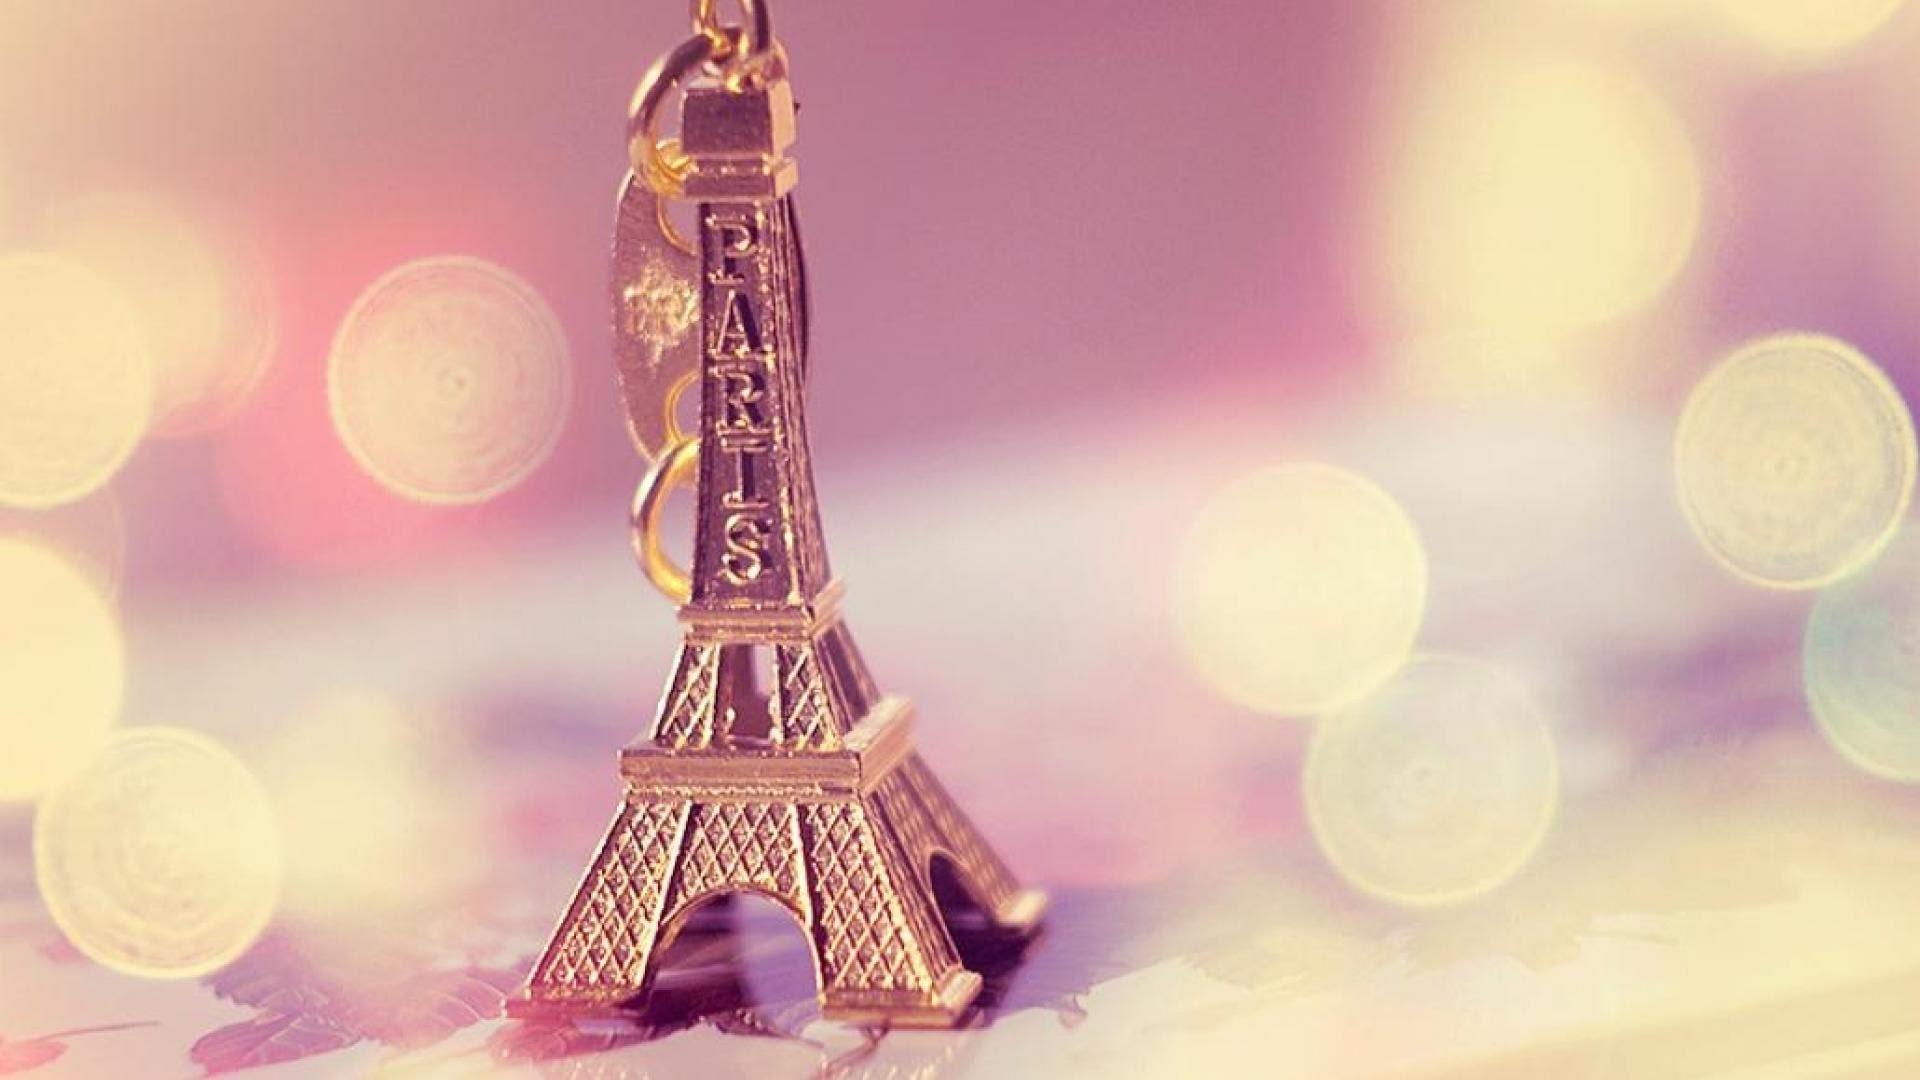 Cute Paris Wallpaper Girly 48 Images